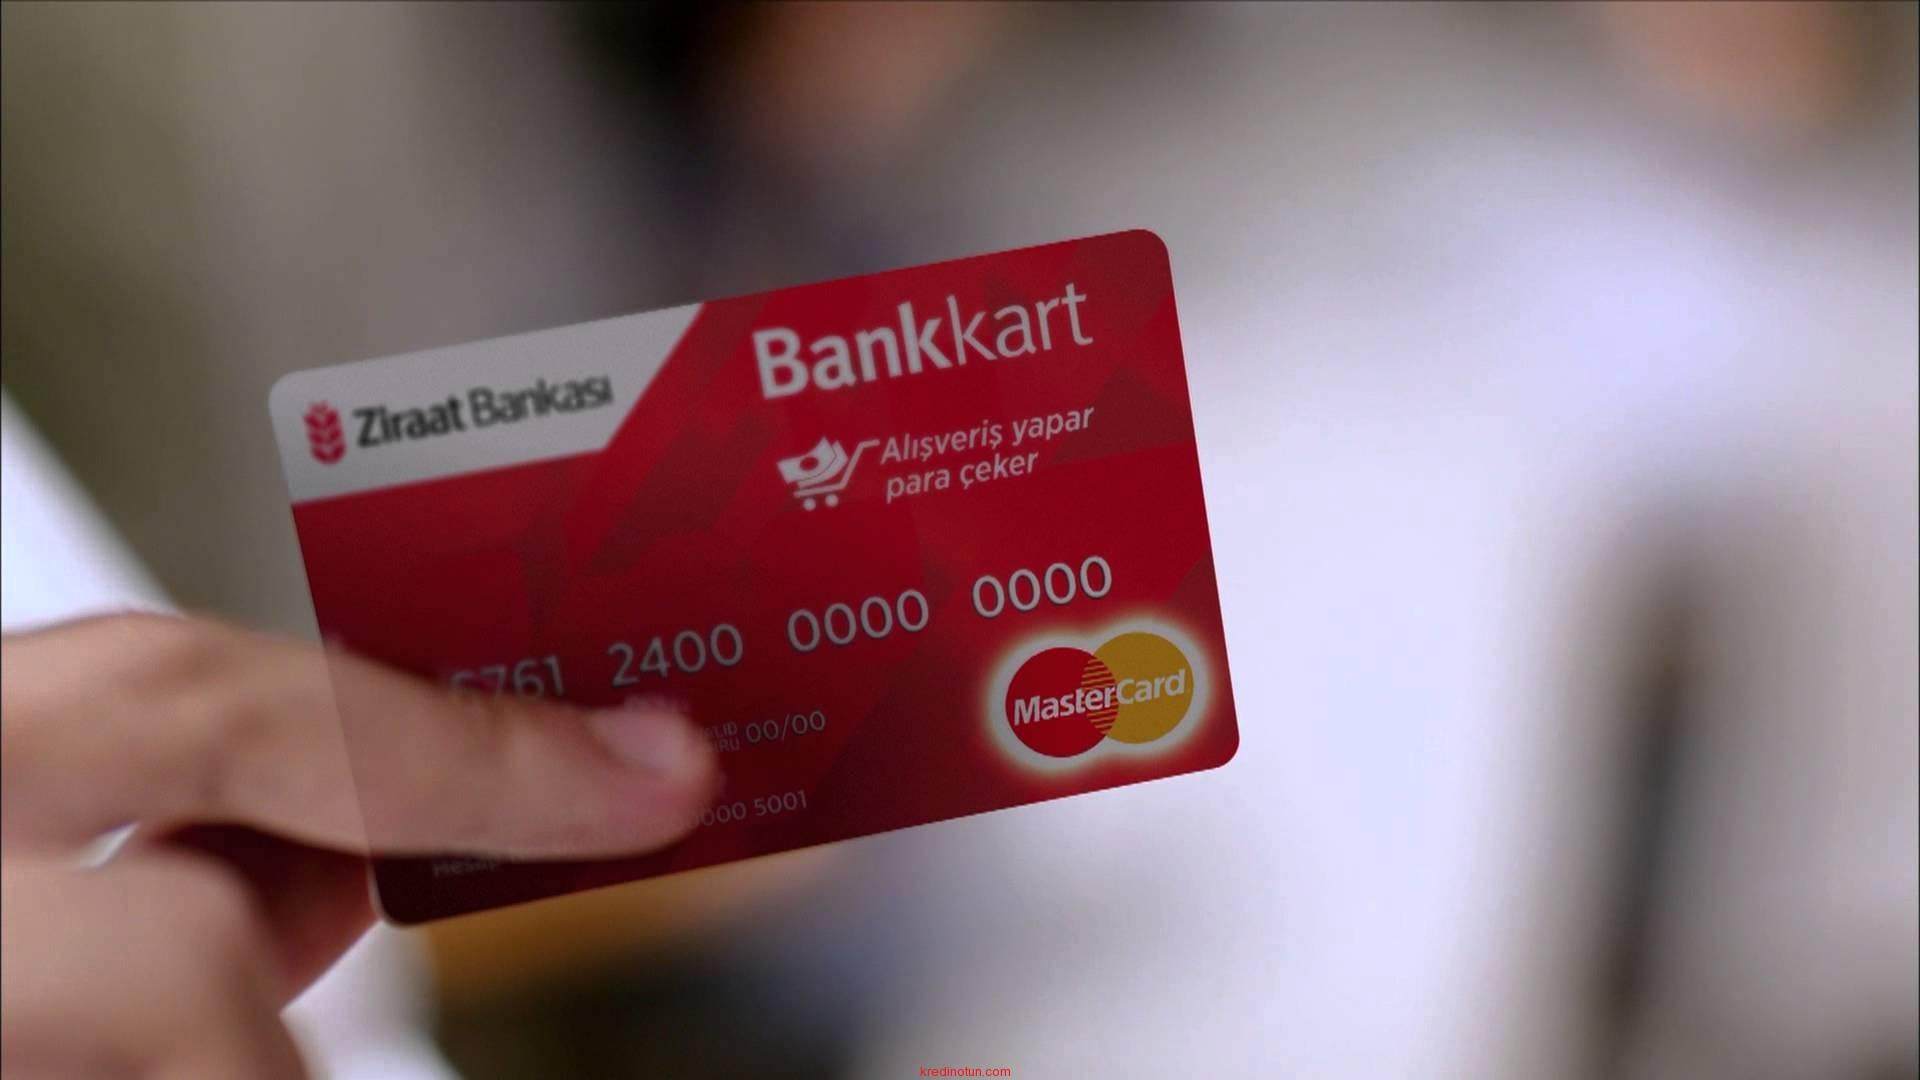 Ziraat Bankası Bankkart Şifresi Öğrenme Değiştirme